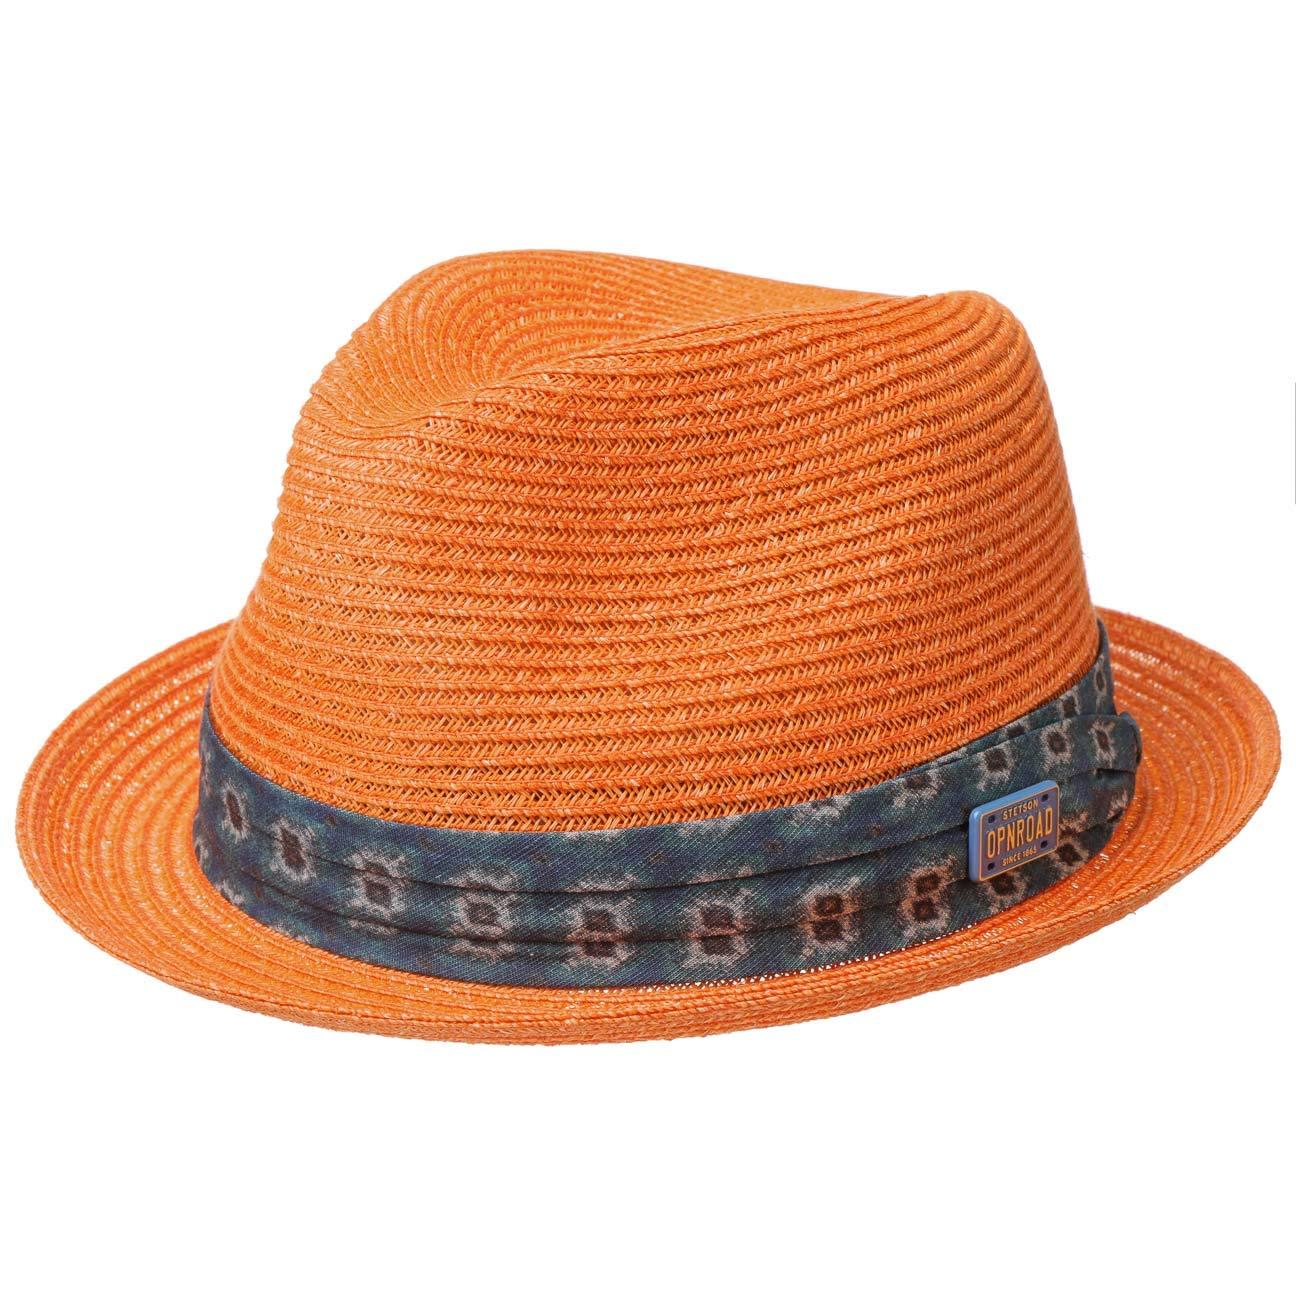 Stetson Abaca - Reproductor de música, color naranja: Amazon.es ...